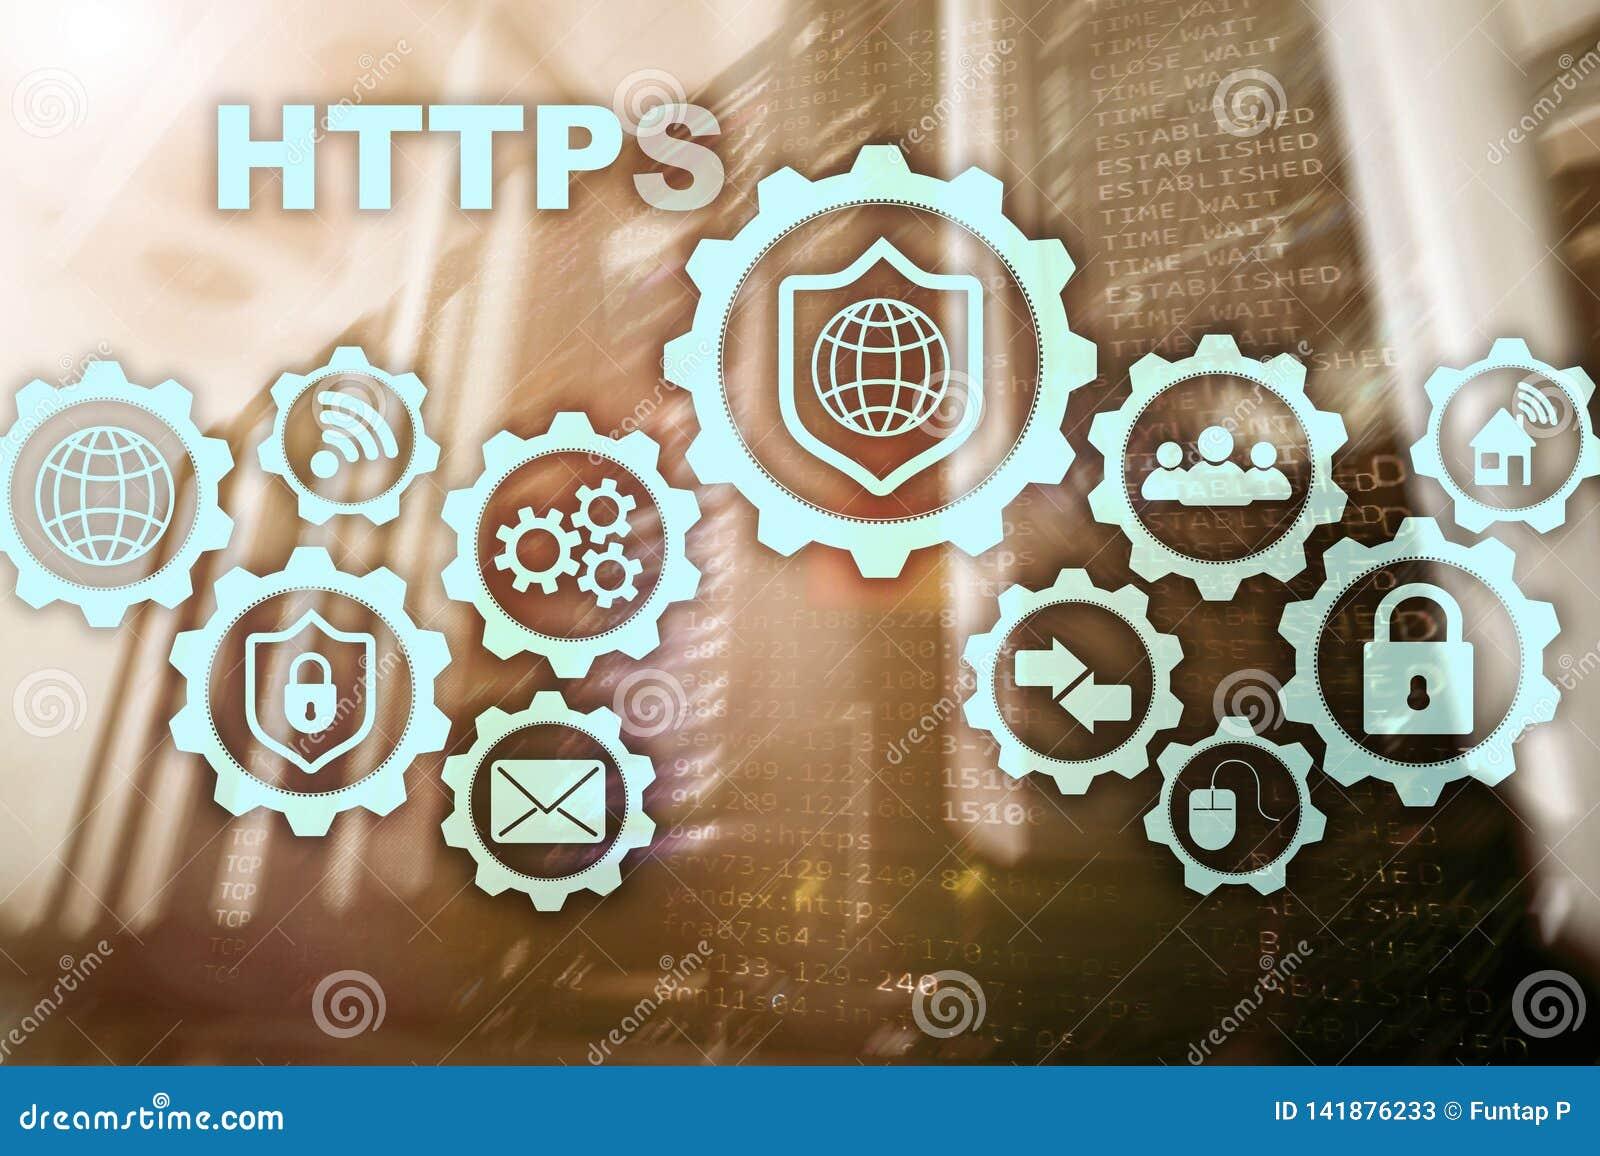 Https Protocolo de transporte del hipertexto seguro Concepto de la tecnología en fondo del sitio del servidor Icono virtual para